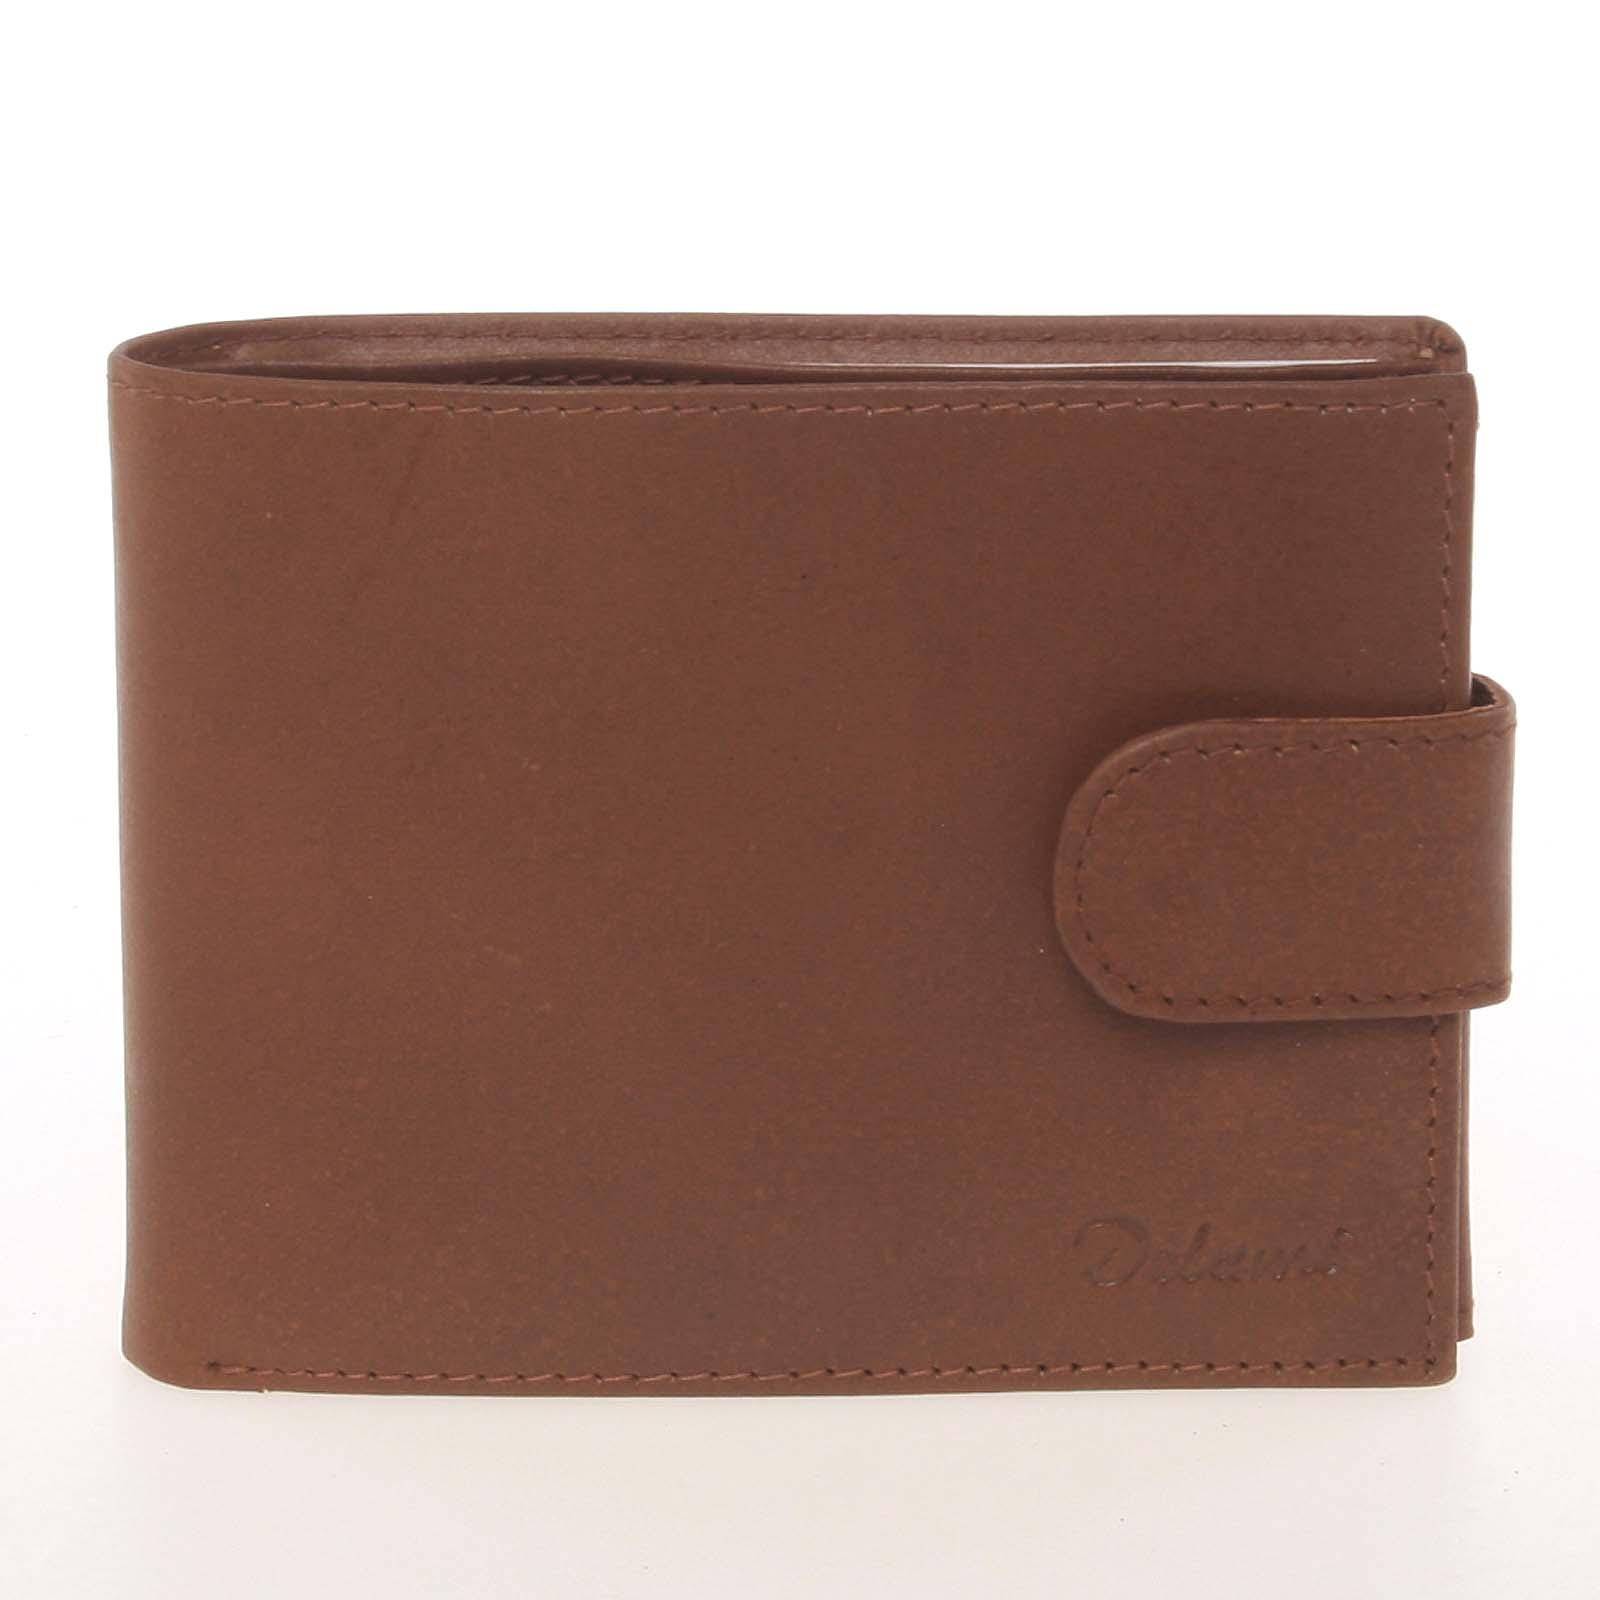 Pánská kožená světle hnědá peněženka - Delami Silvain